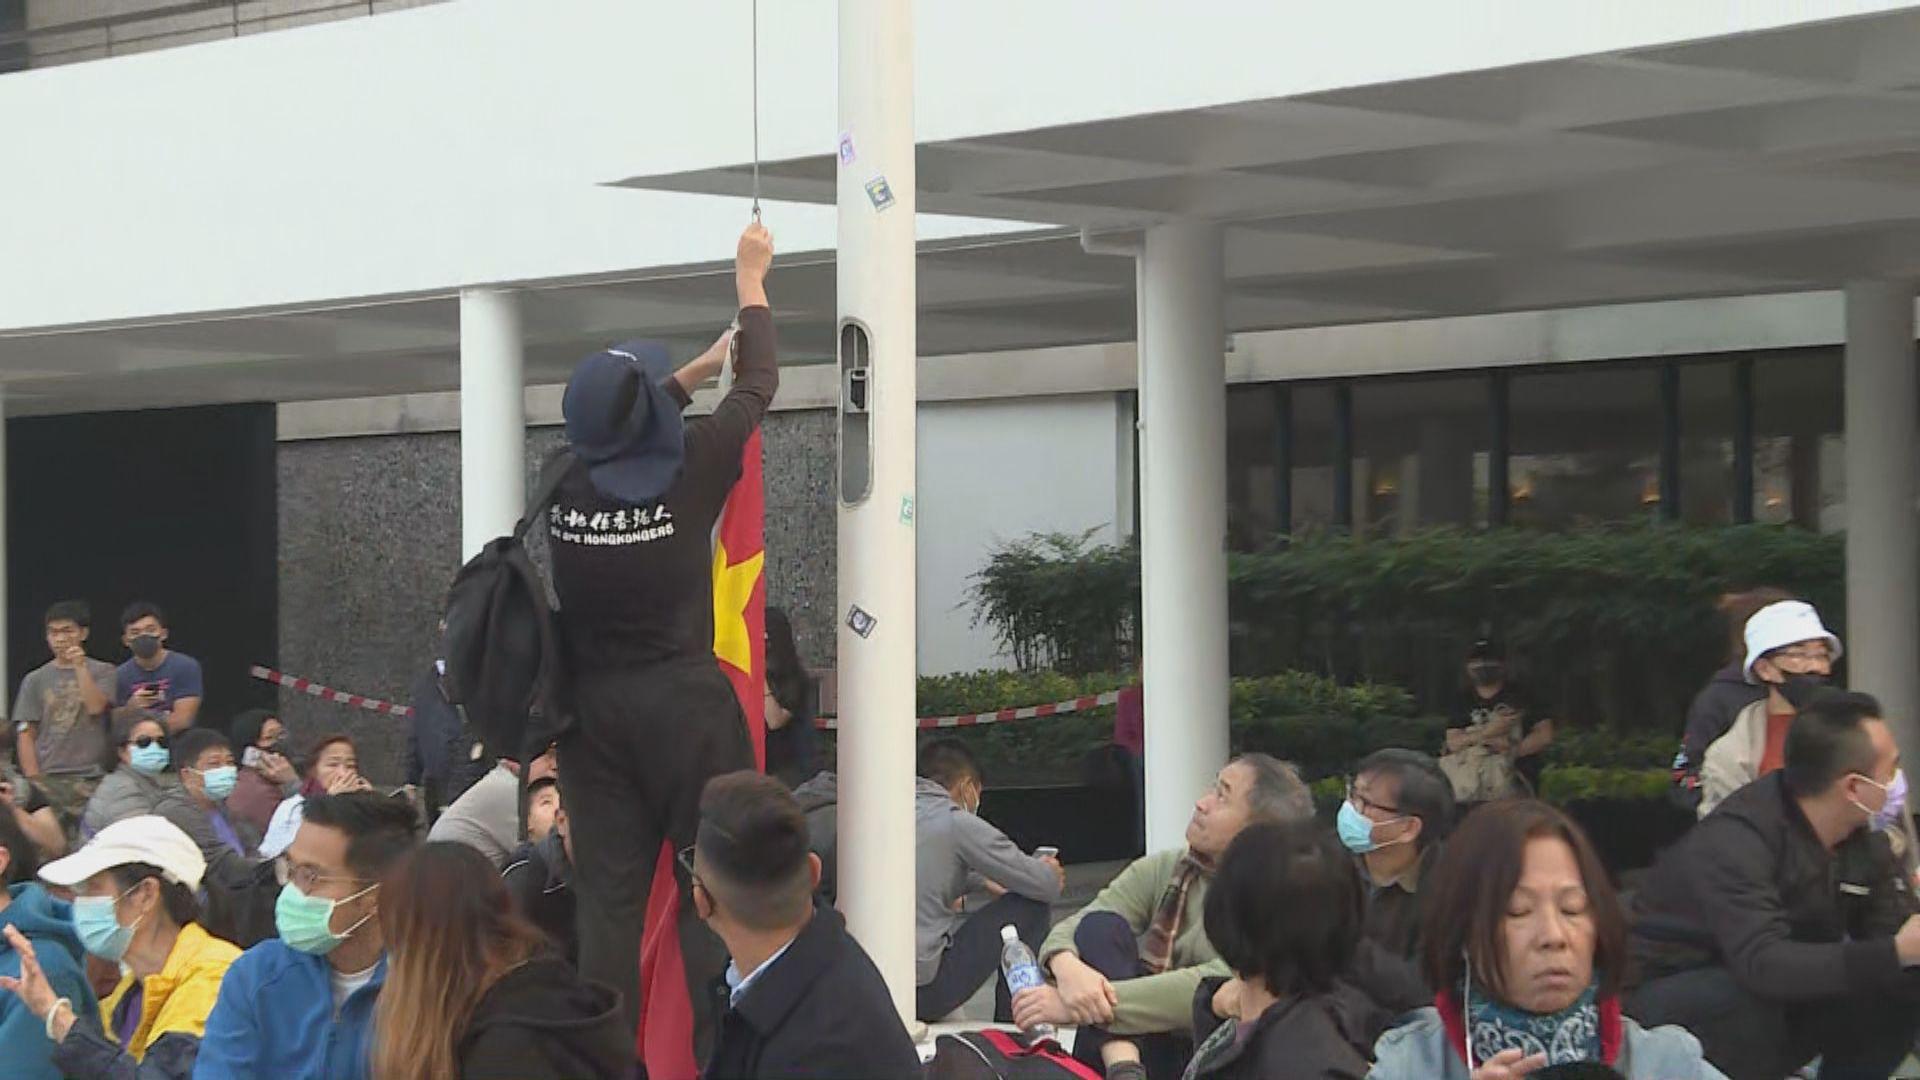 中環集會有人拆國旗 警員制服多人一度擎槍